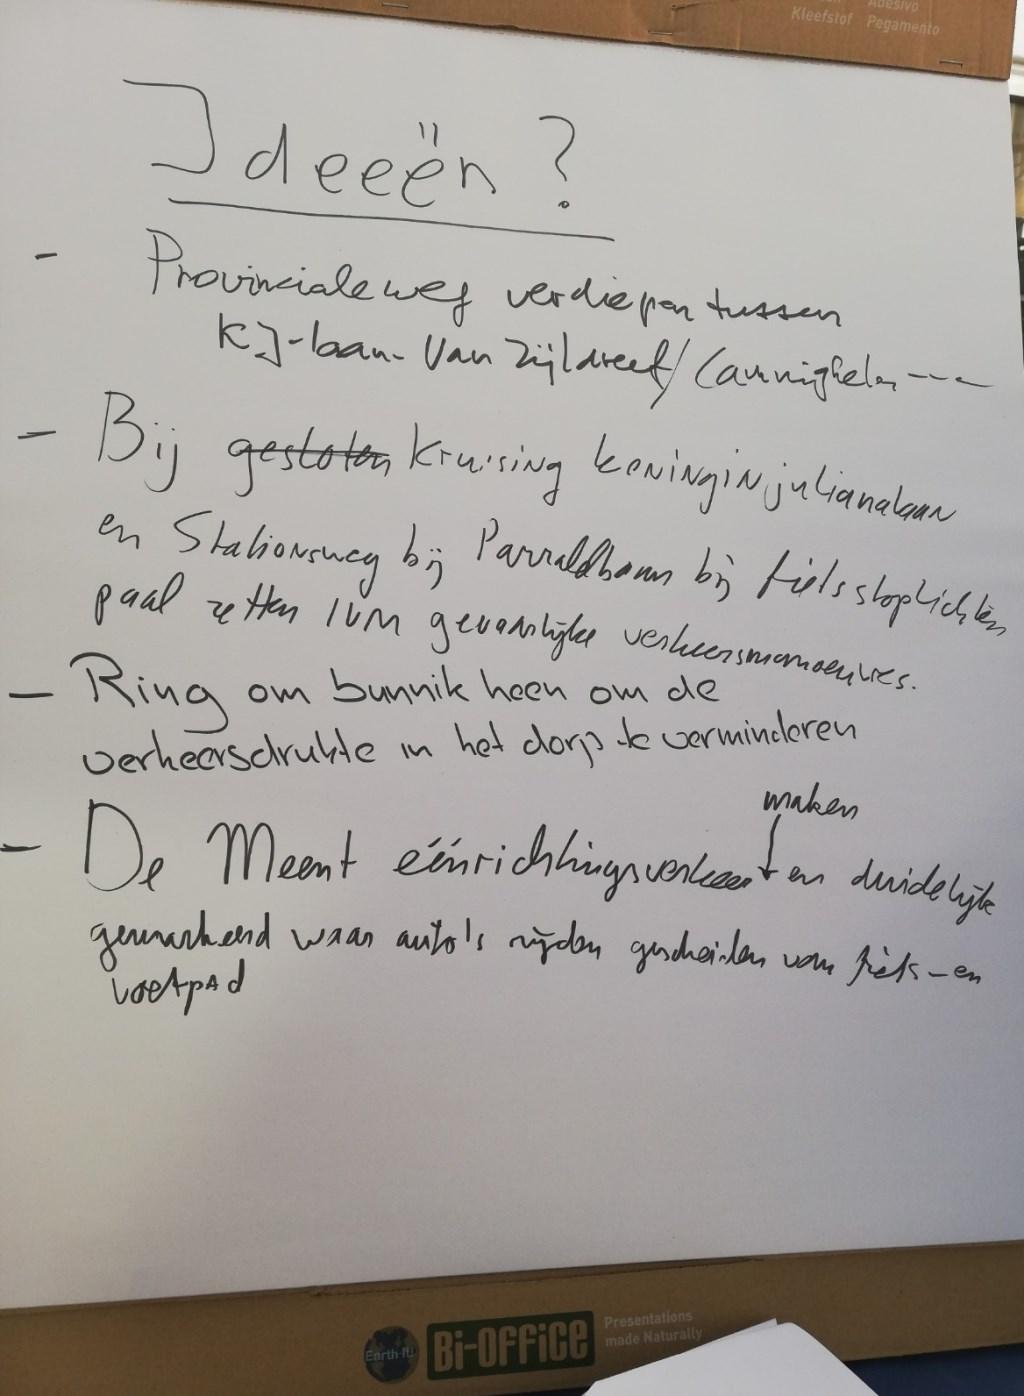 Ideeën om de verkeersveiligheid te verbeteren Kuun Jenniskens © BDU media